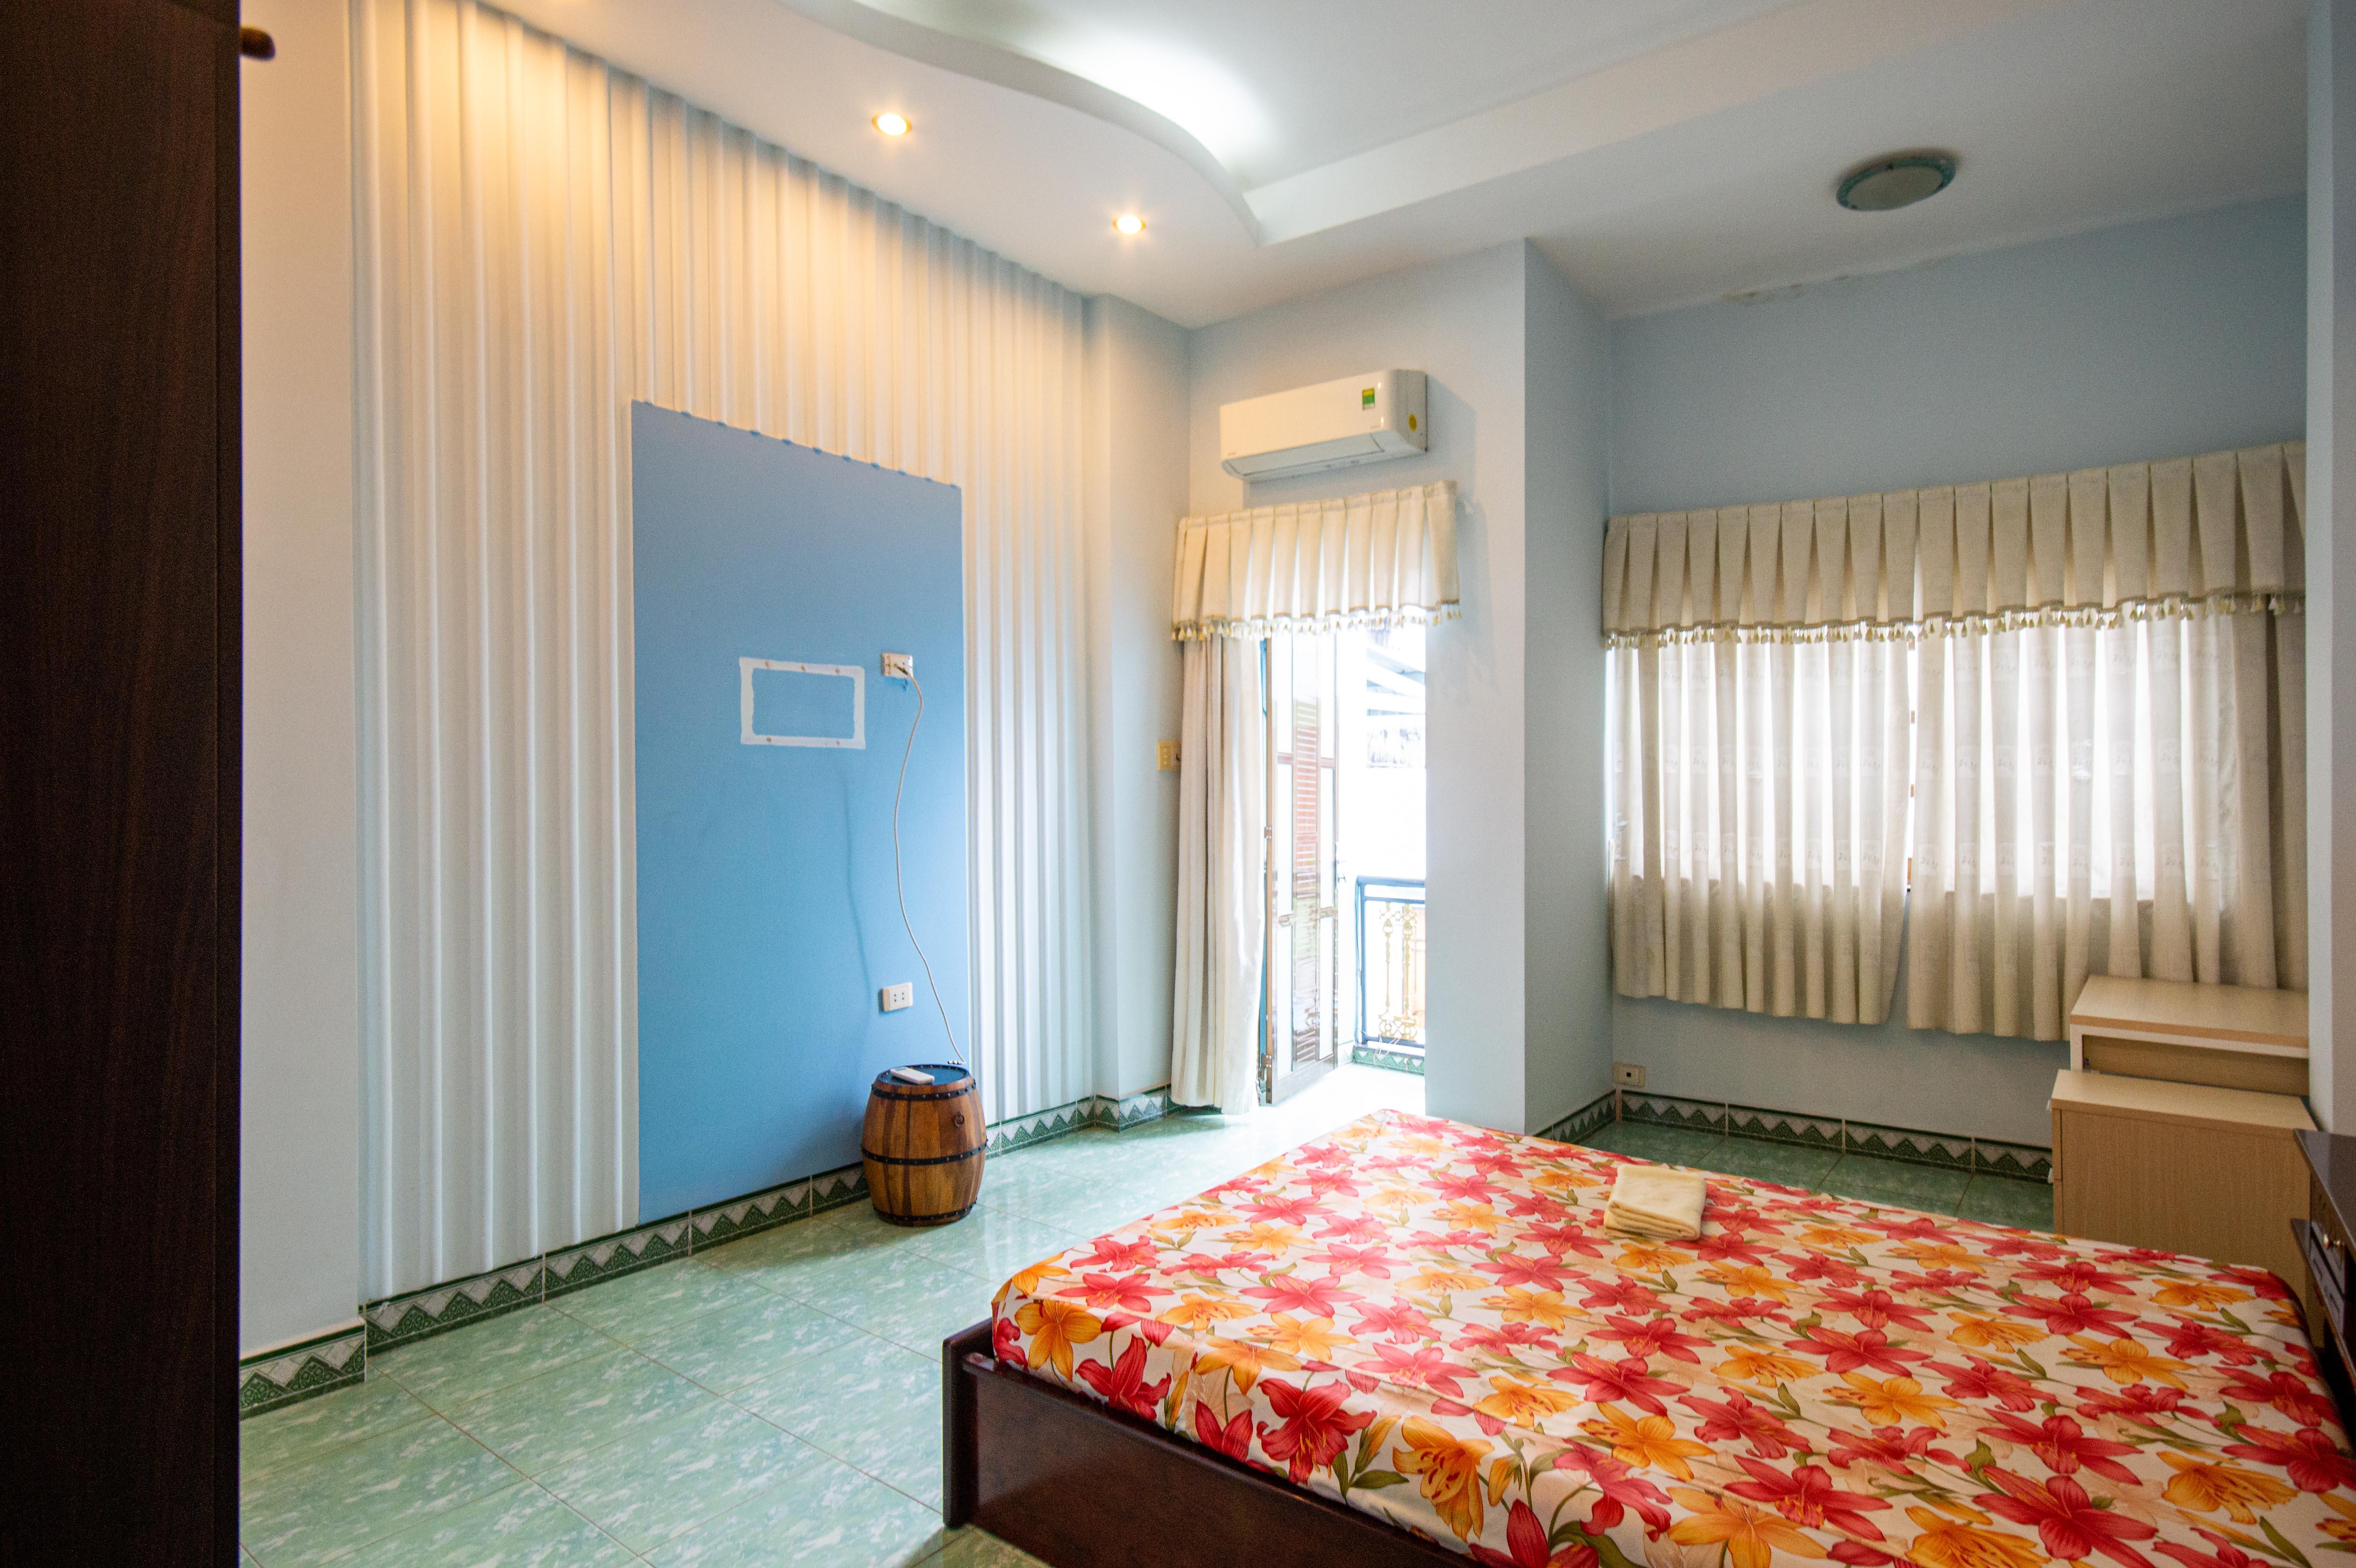 Cho Thuê Căn hộ 1 PN Nguyen Dinh Chieu D3 Apartment - Có Bồn Tắm -1